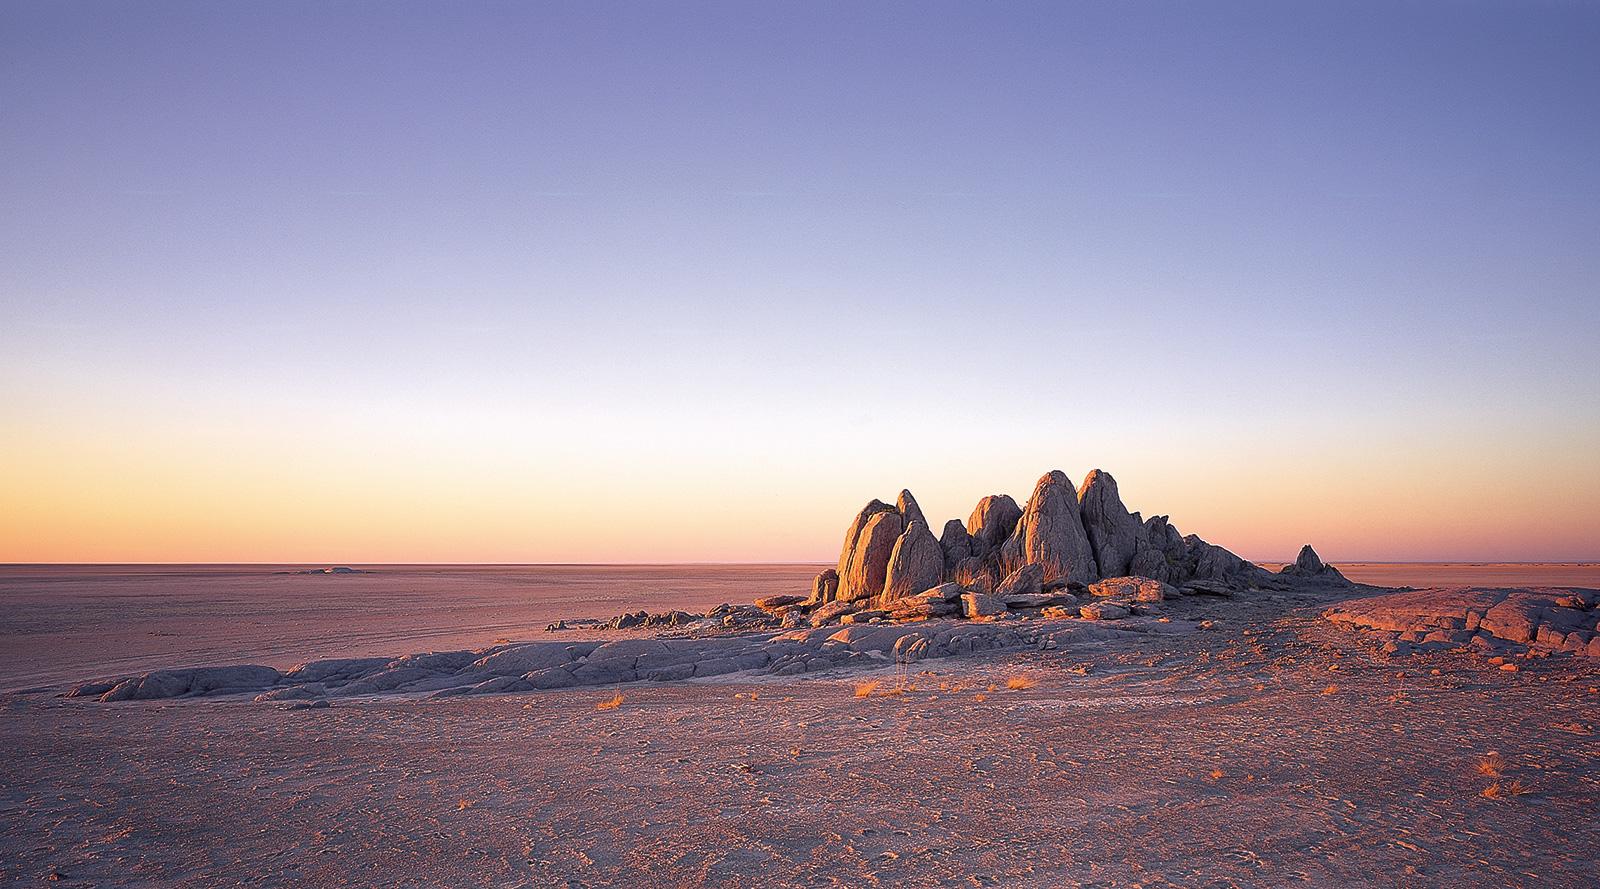 © Image courtesy of Uncharted Africa Safari co. | Kubu Island, Makgadikgadi Pans National Park, Botswana